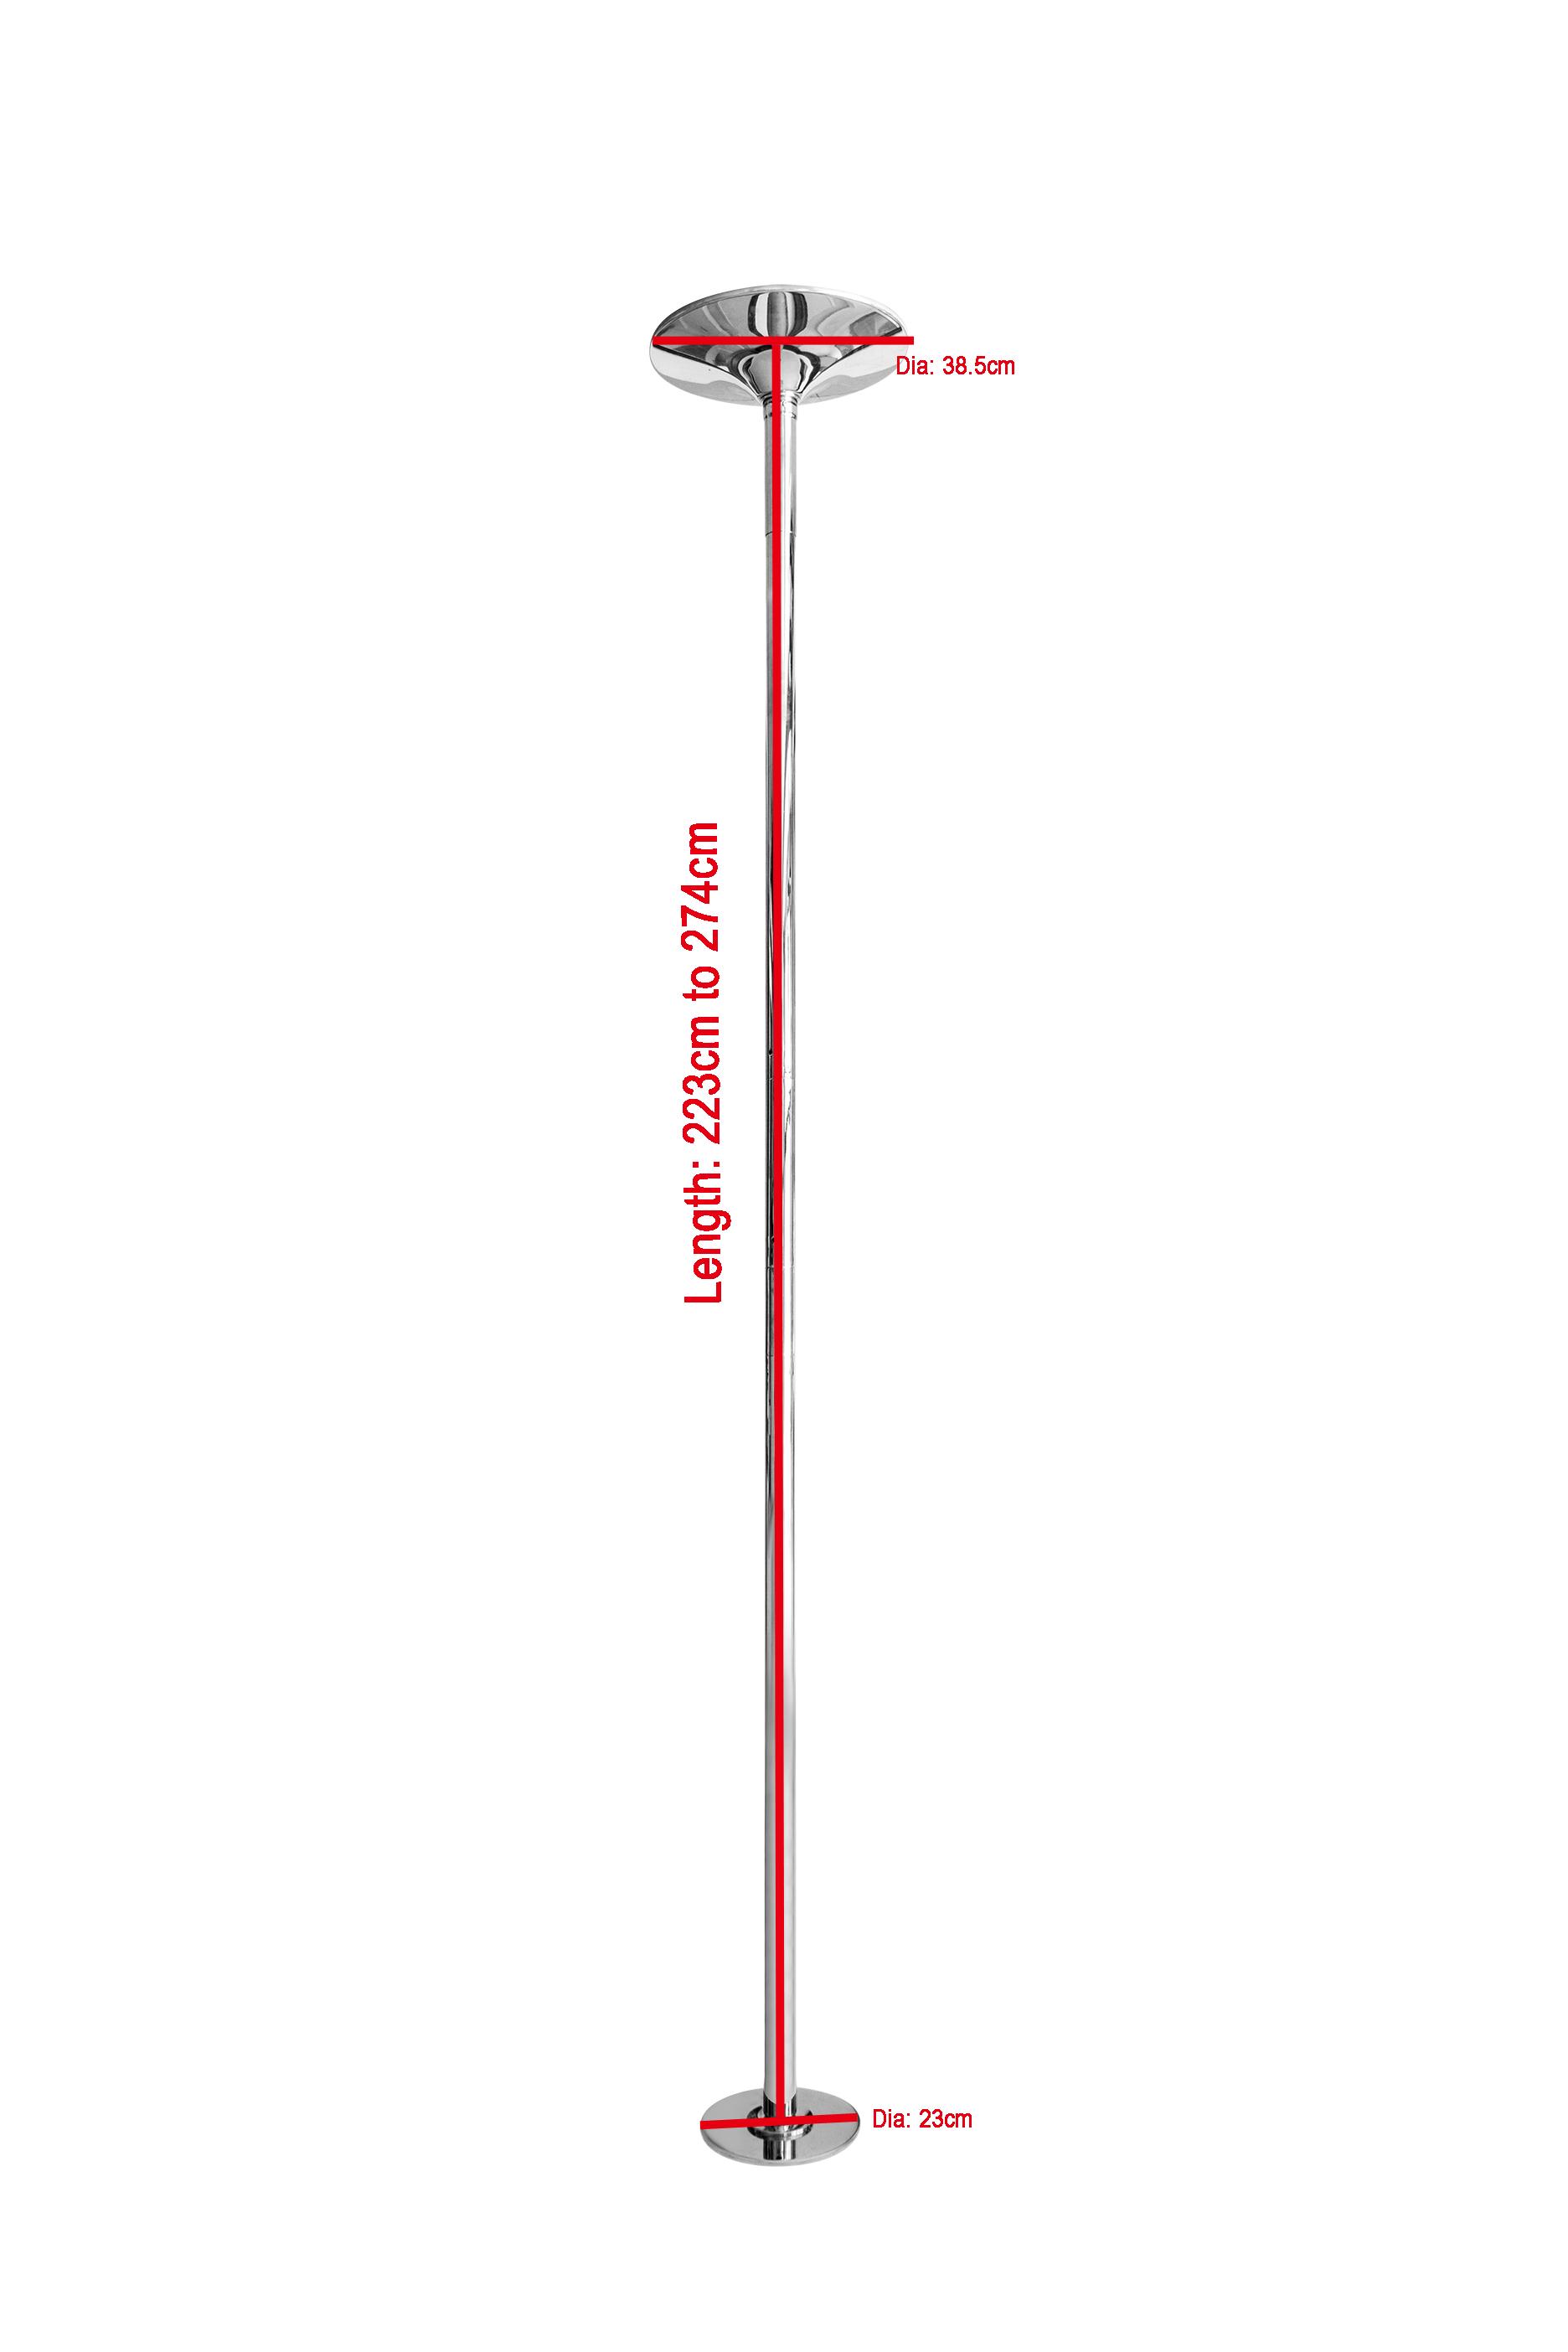 Pole dance stang - den moderne og populære - Importpris.no AS